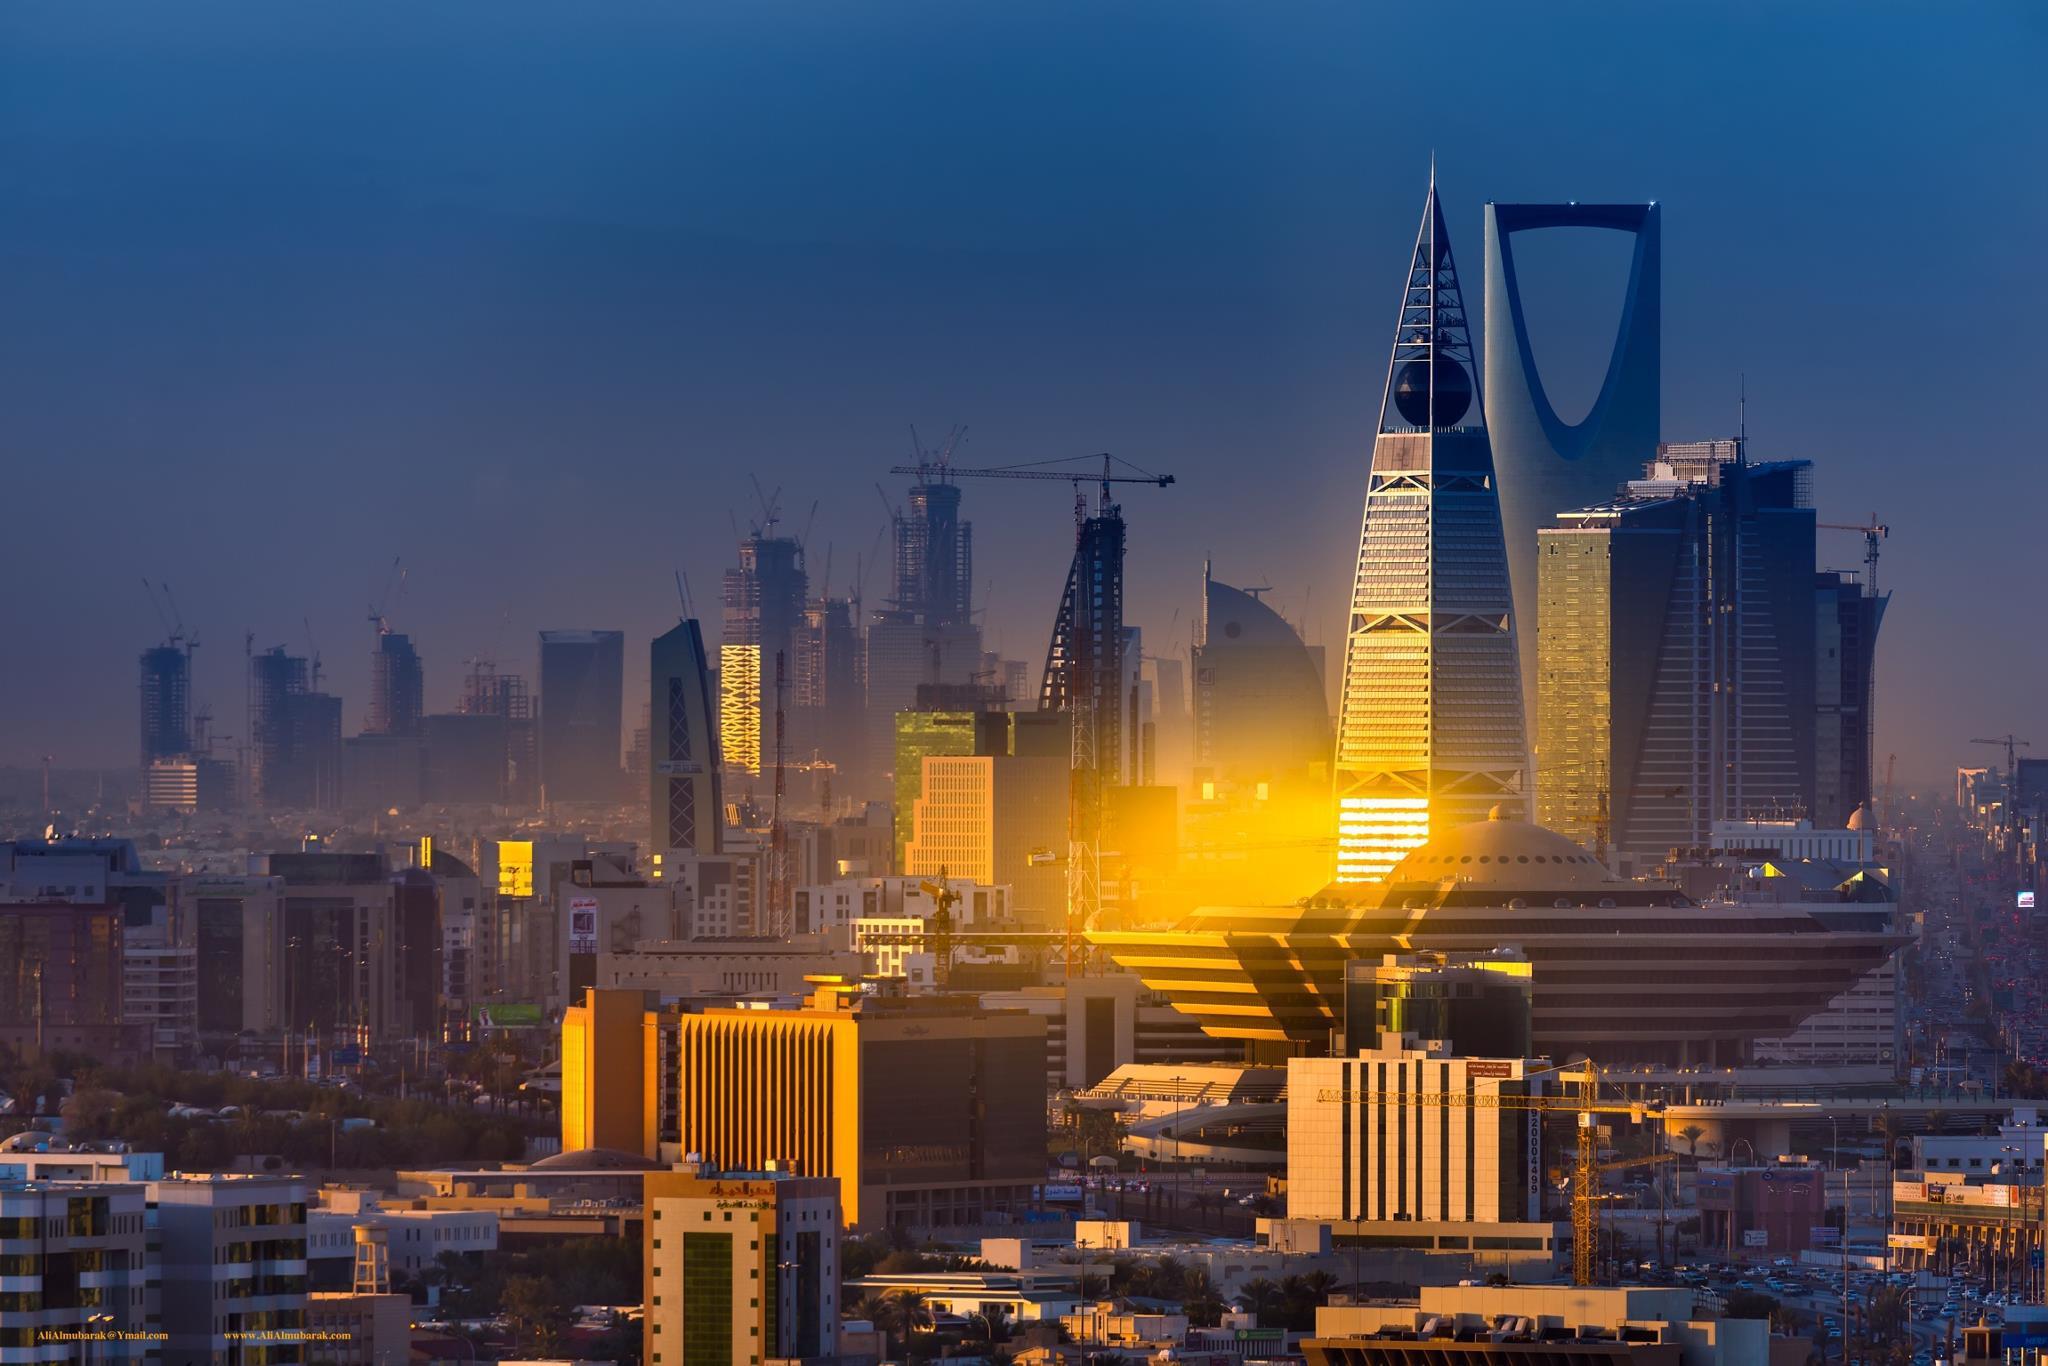 فيديو بسيط يوضح الاسباب التي جعلت السعودية تتجه للخصخصة